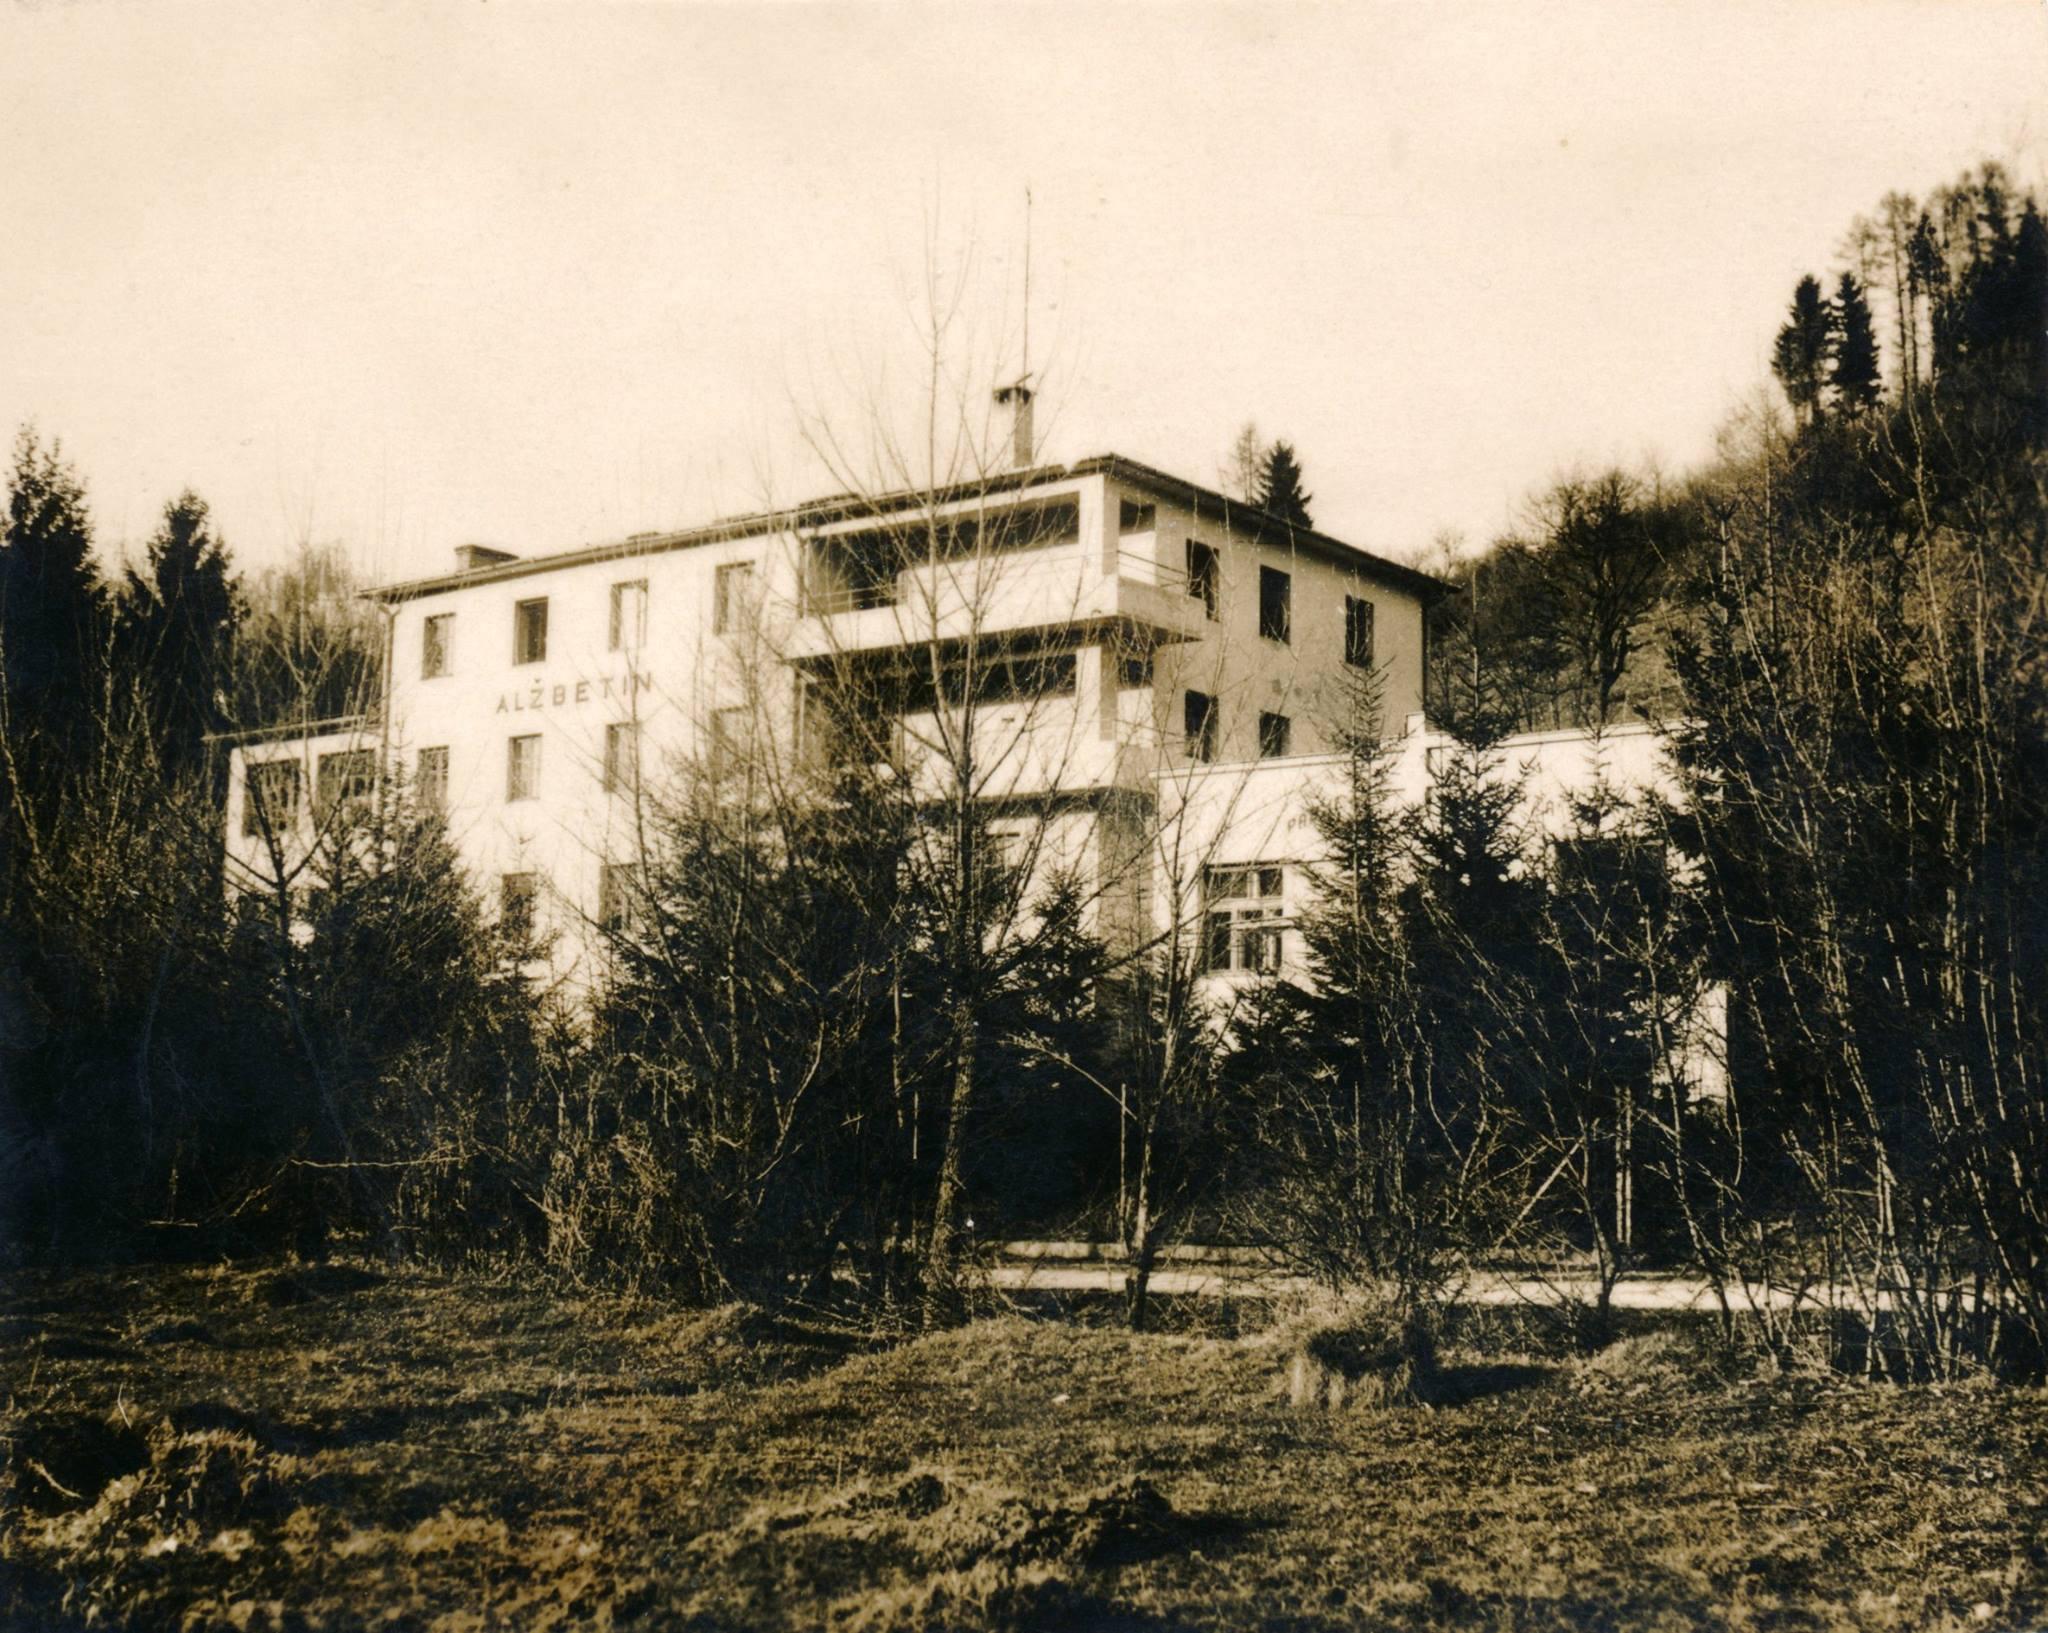 Sanatórium Alžbetín v Belušských Slatinách v 30. rokoch minulého storočia